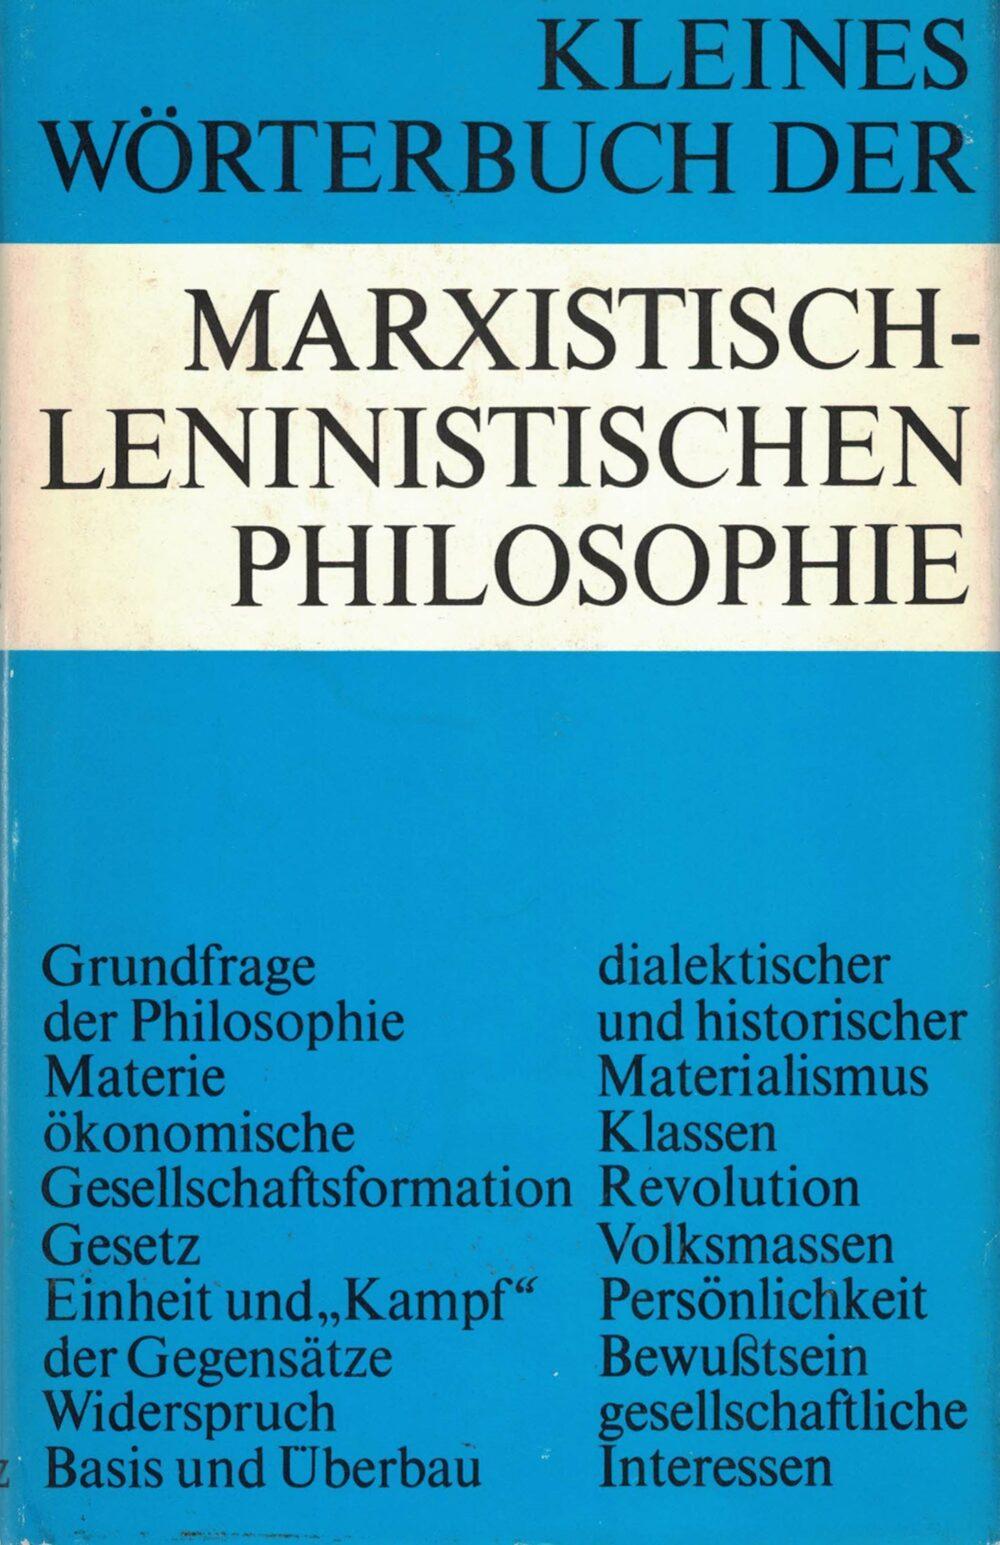 Kleines Wörterbuch der marxistisch-leninistischen Philosophie